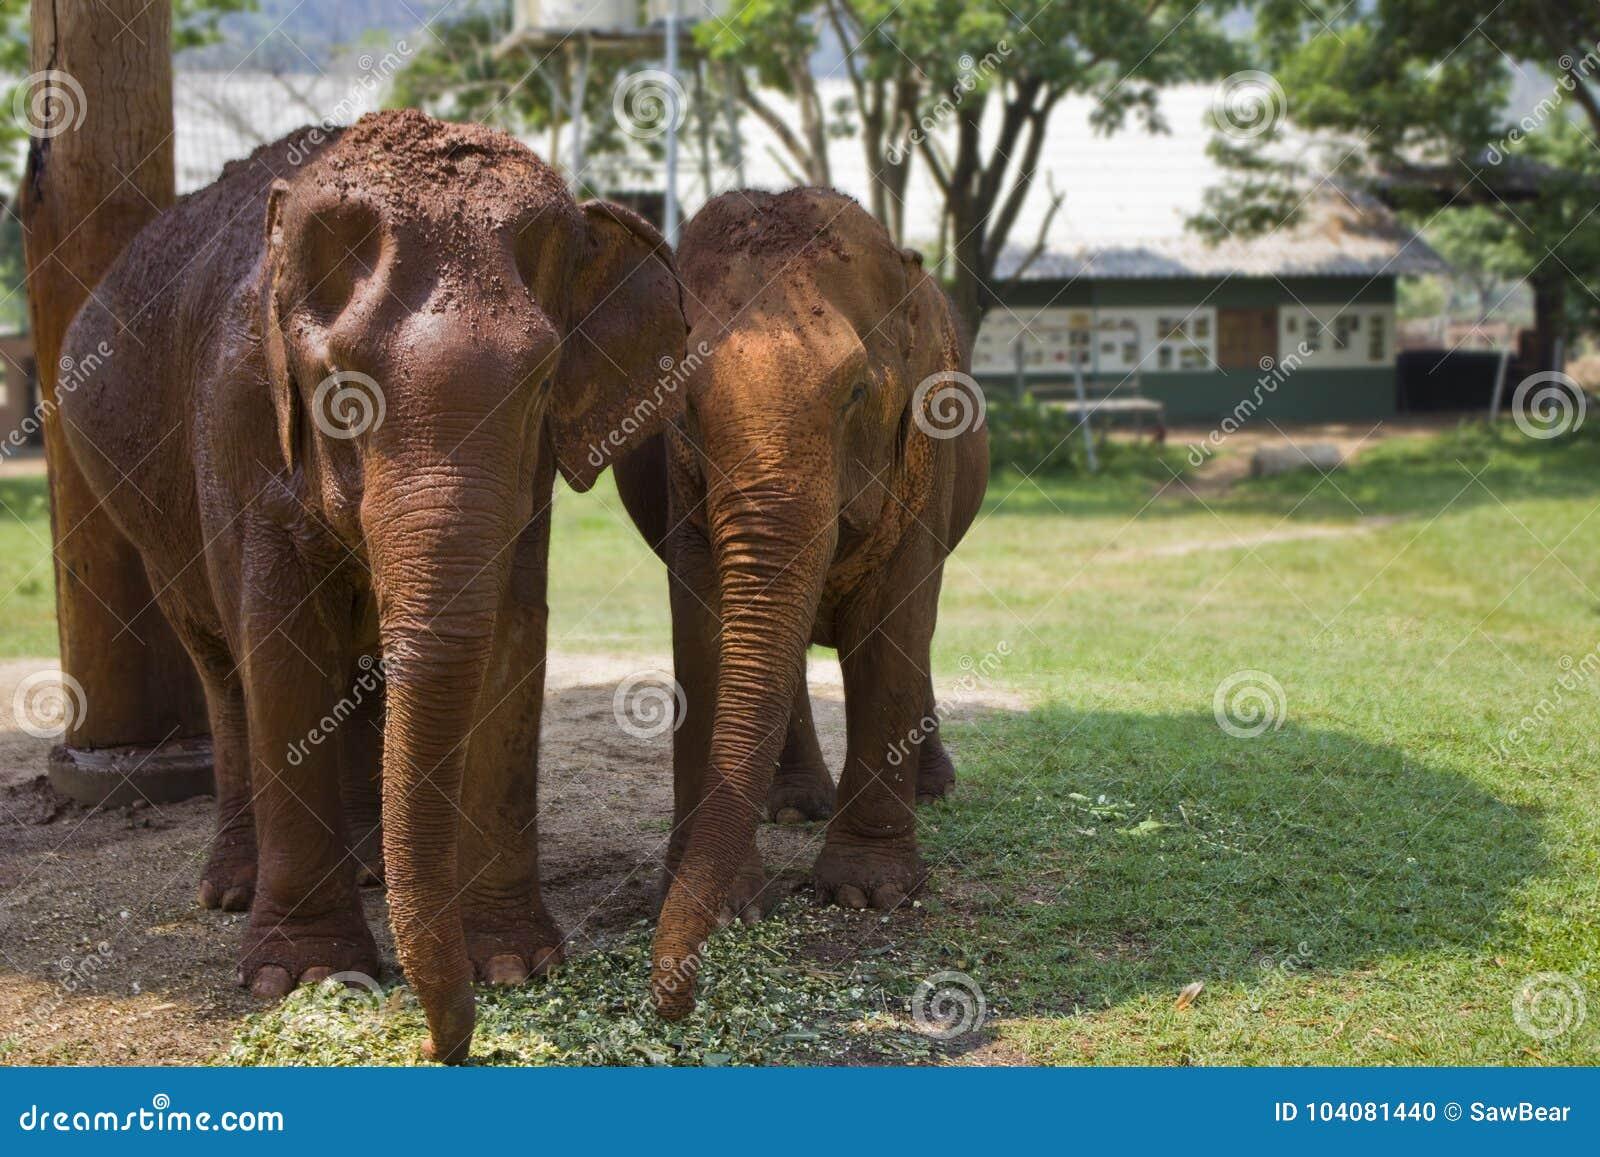 Hermosa Elefante Anatomía Del Sello Motivo - Imágenes de Anatomía ...